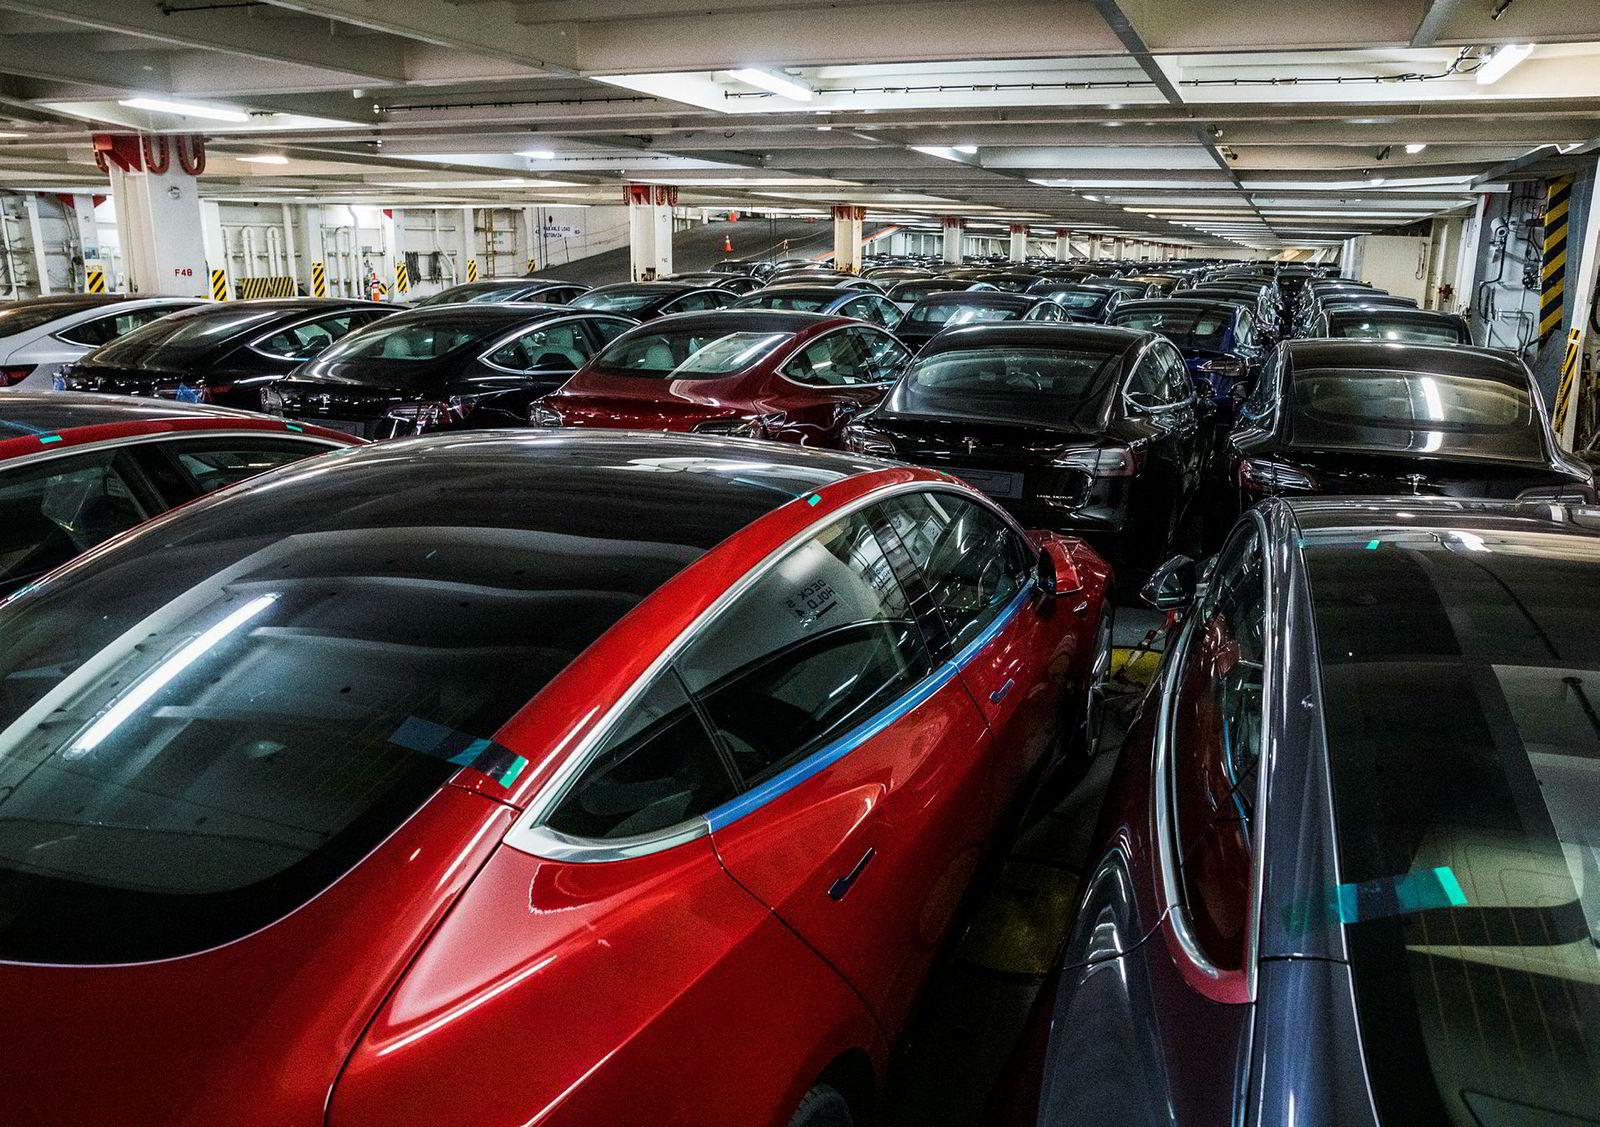 På dekk fem står rekke på rekke med biler. Tesla Model 3 så langt øyet kan se.